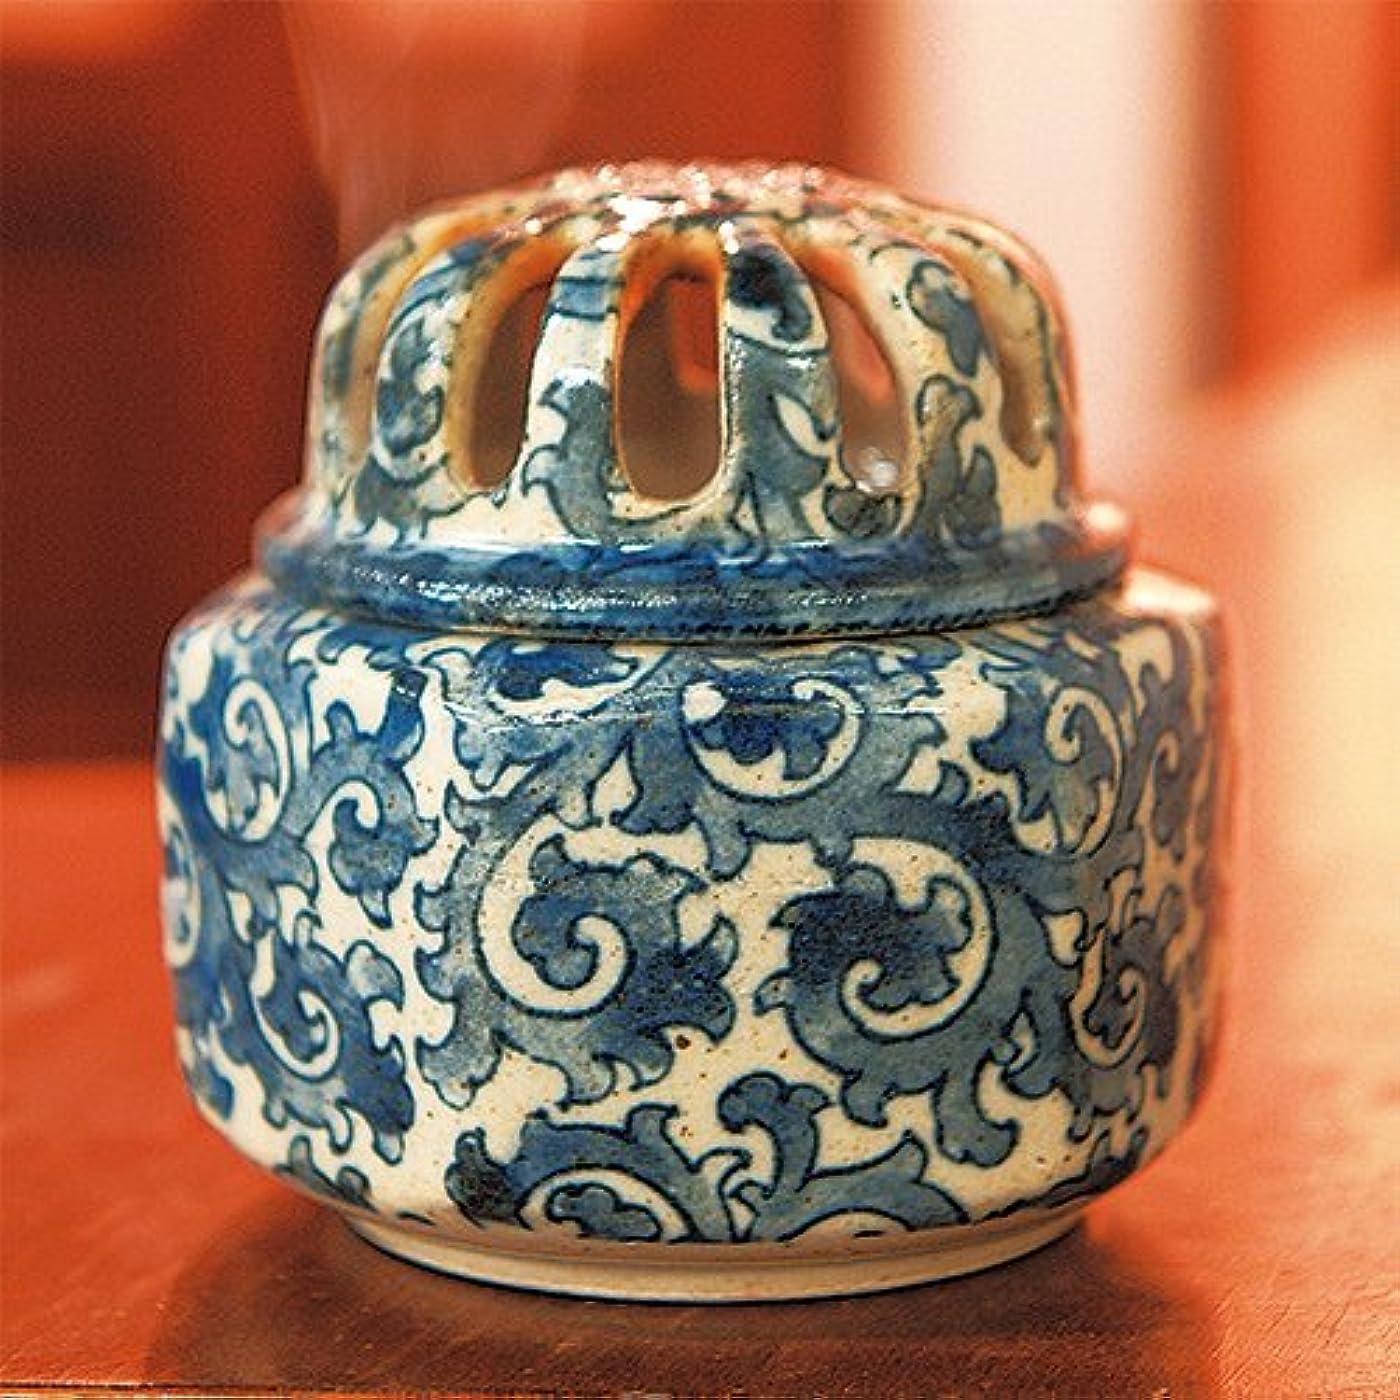 分数頭痛発動機香炉 土物 タコ唐草 福香炉 [R8.8xH8.7cm] プレゼント ギフト 和食器 かわいい インテリア